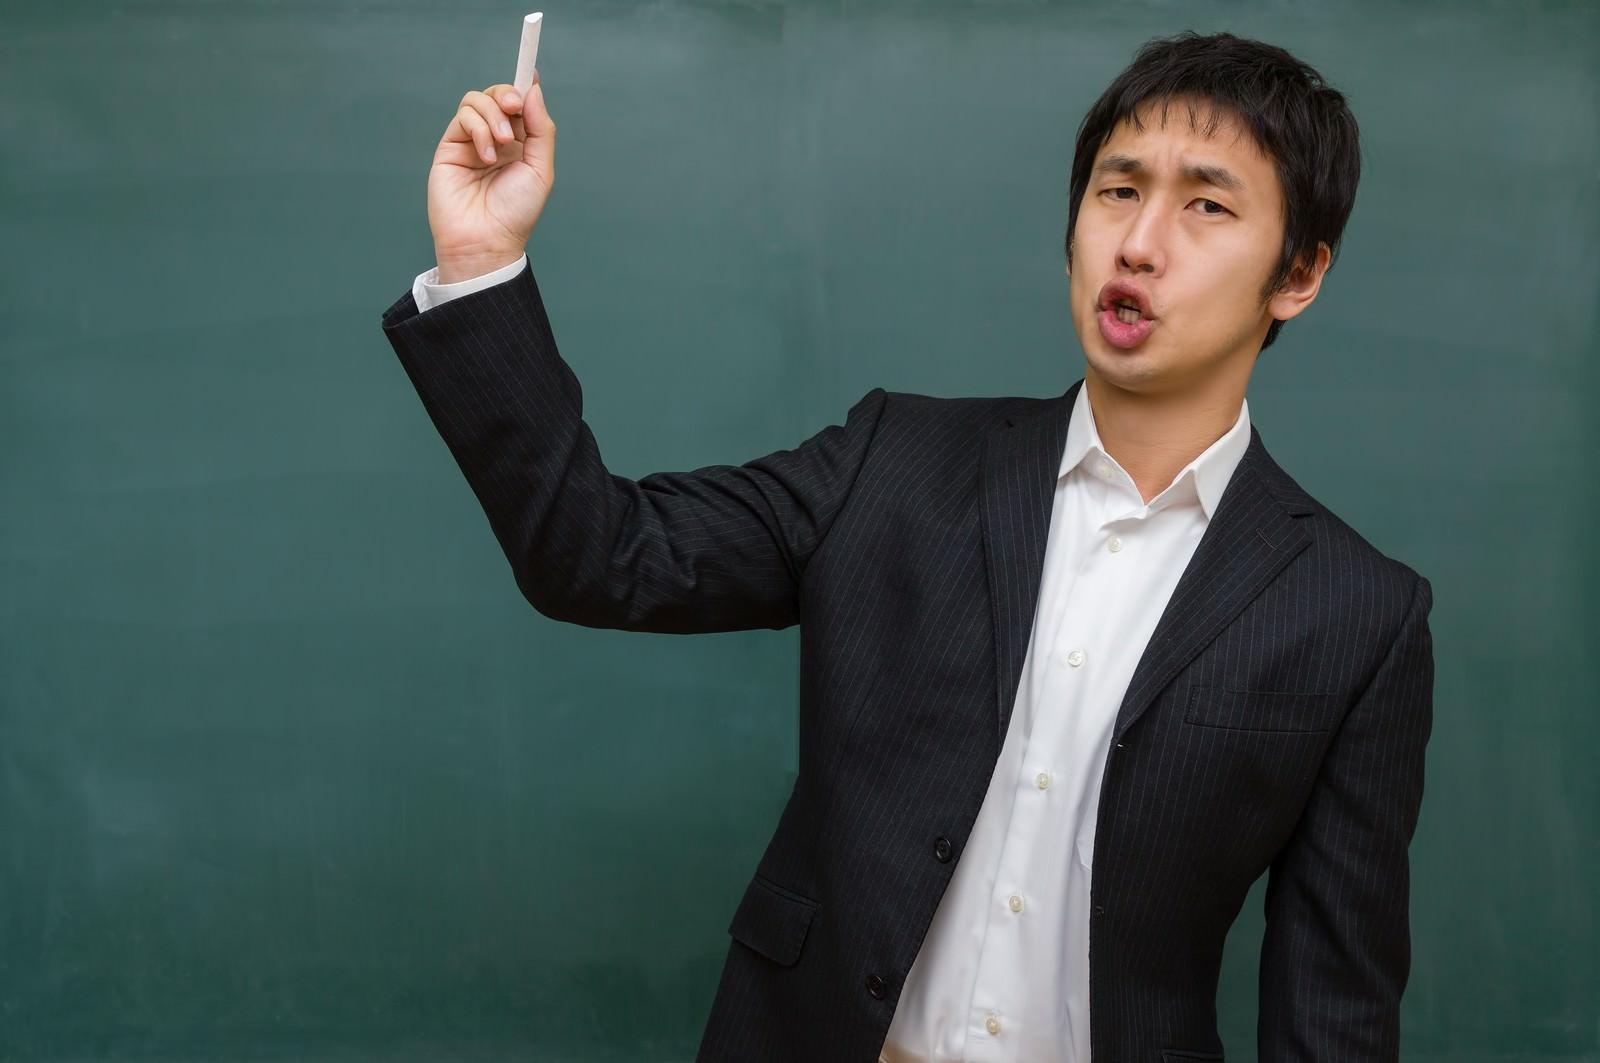 「チョークを投げつける先生(学級崩壊)」の写真[モデル:大川竜弥]